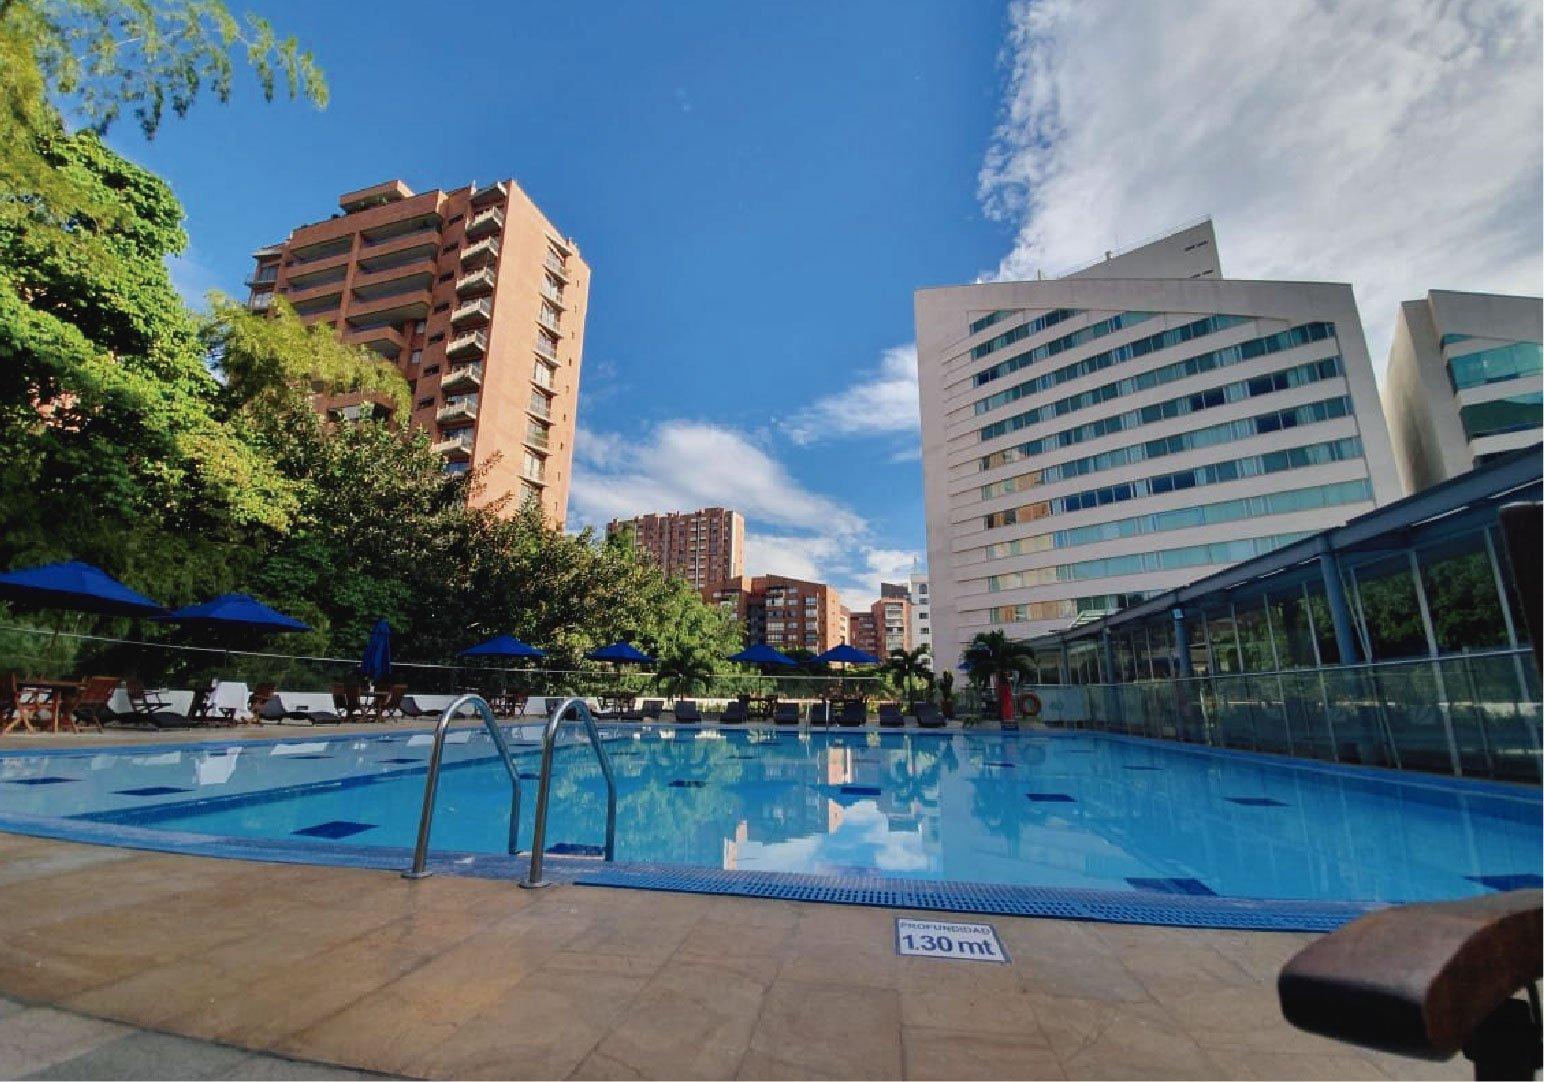 Hotel piscina medellin